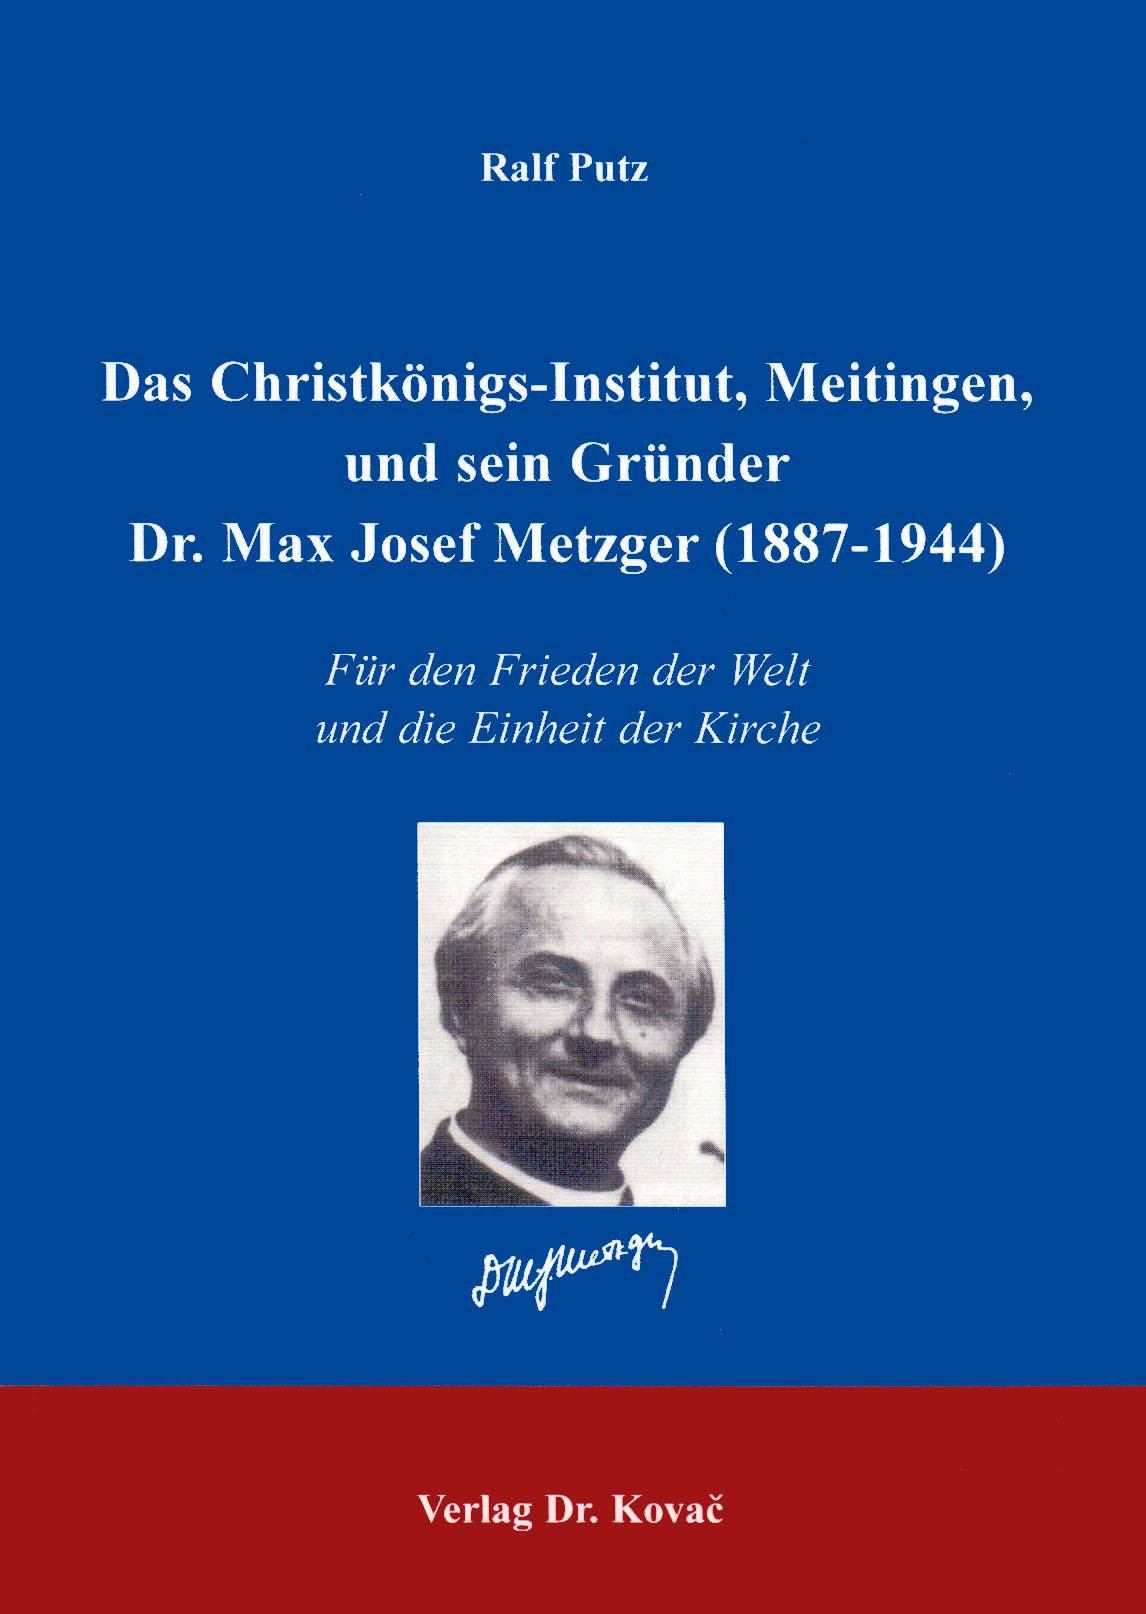 Cover: Das Christkönigs-Institut, Meitingen und sein Gründer Dr. Max Josef Metzger (1878-1944)